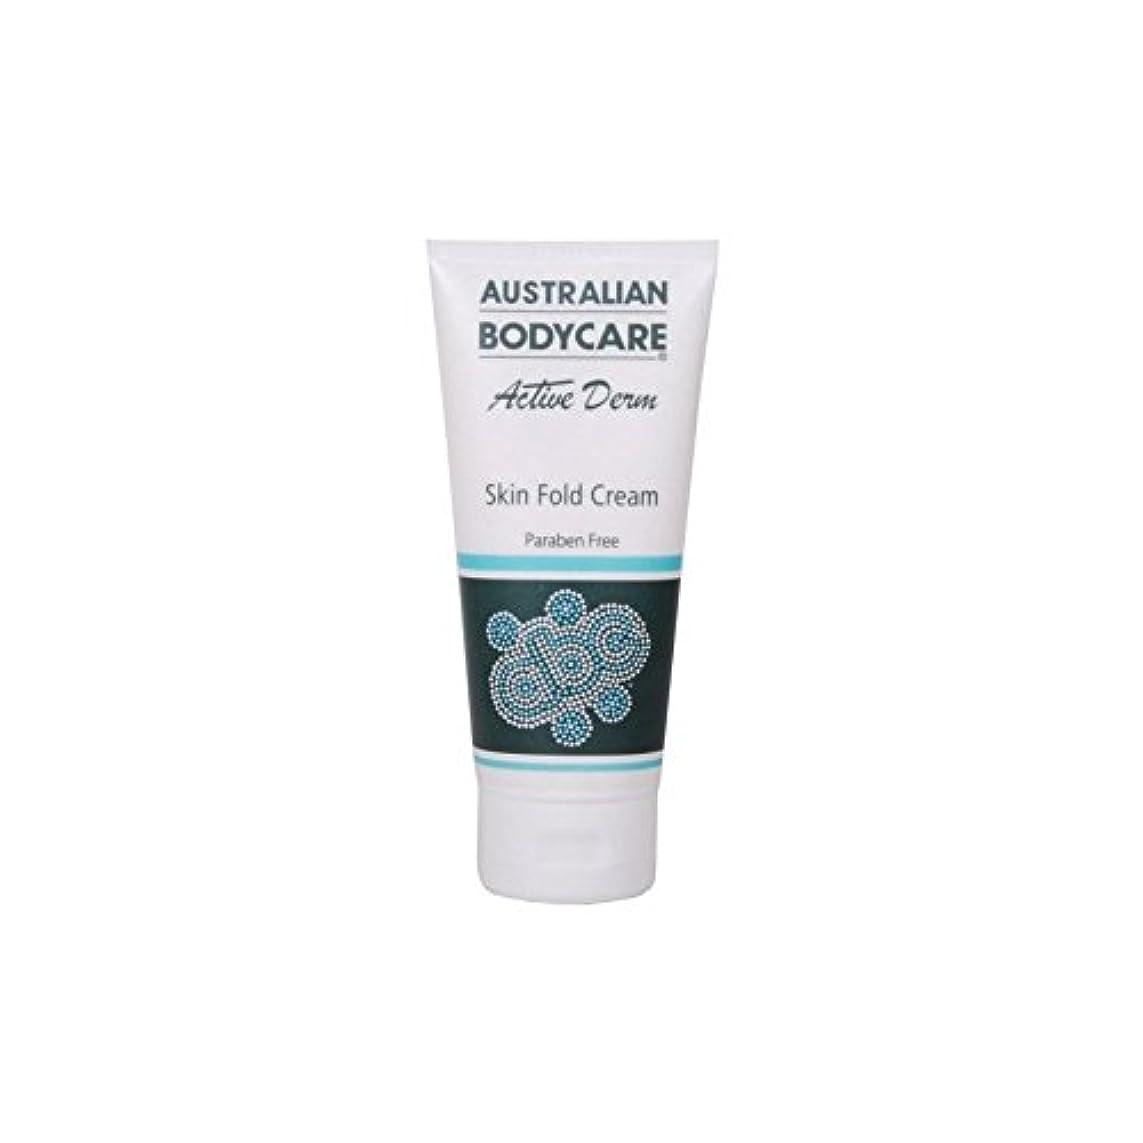 テンポ管理する離れたオーストラリアのボディケアアクティブダーム皮膚のひだクリーム(100ミリリットル) x2 - Australian Bodycare Active Derm Skin Fold Cream (100ml) (Pack of 2) [並行輸入品]